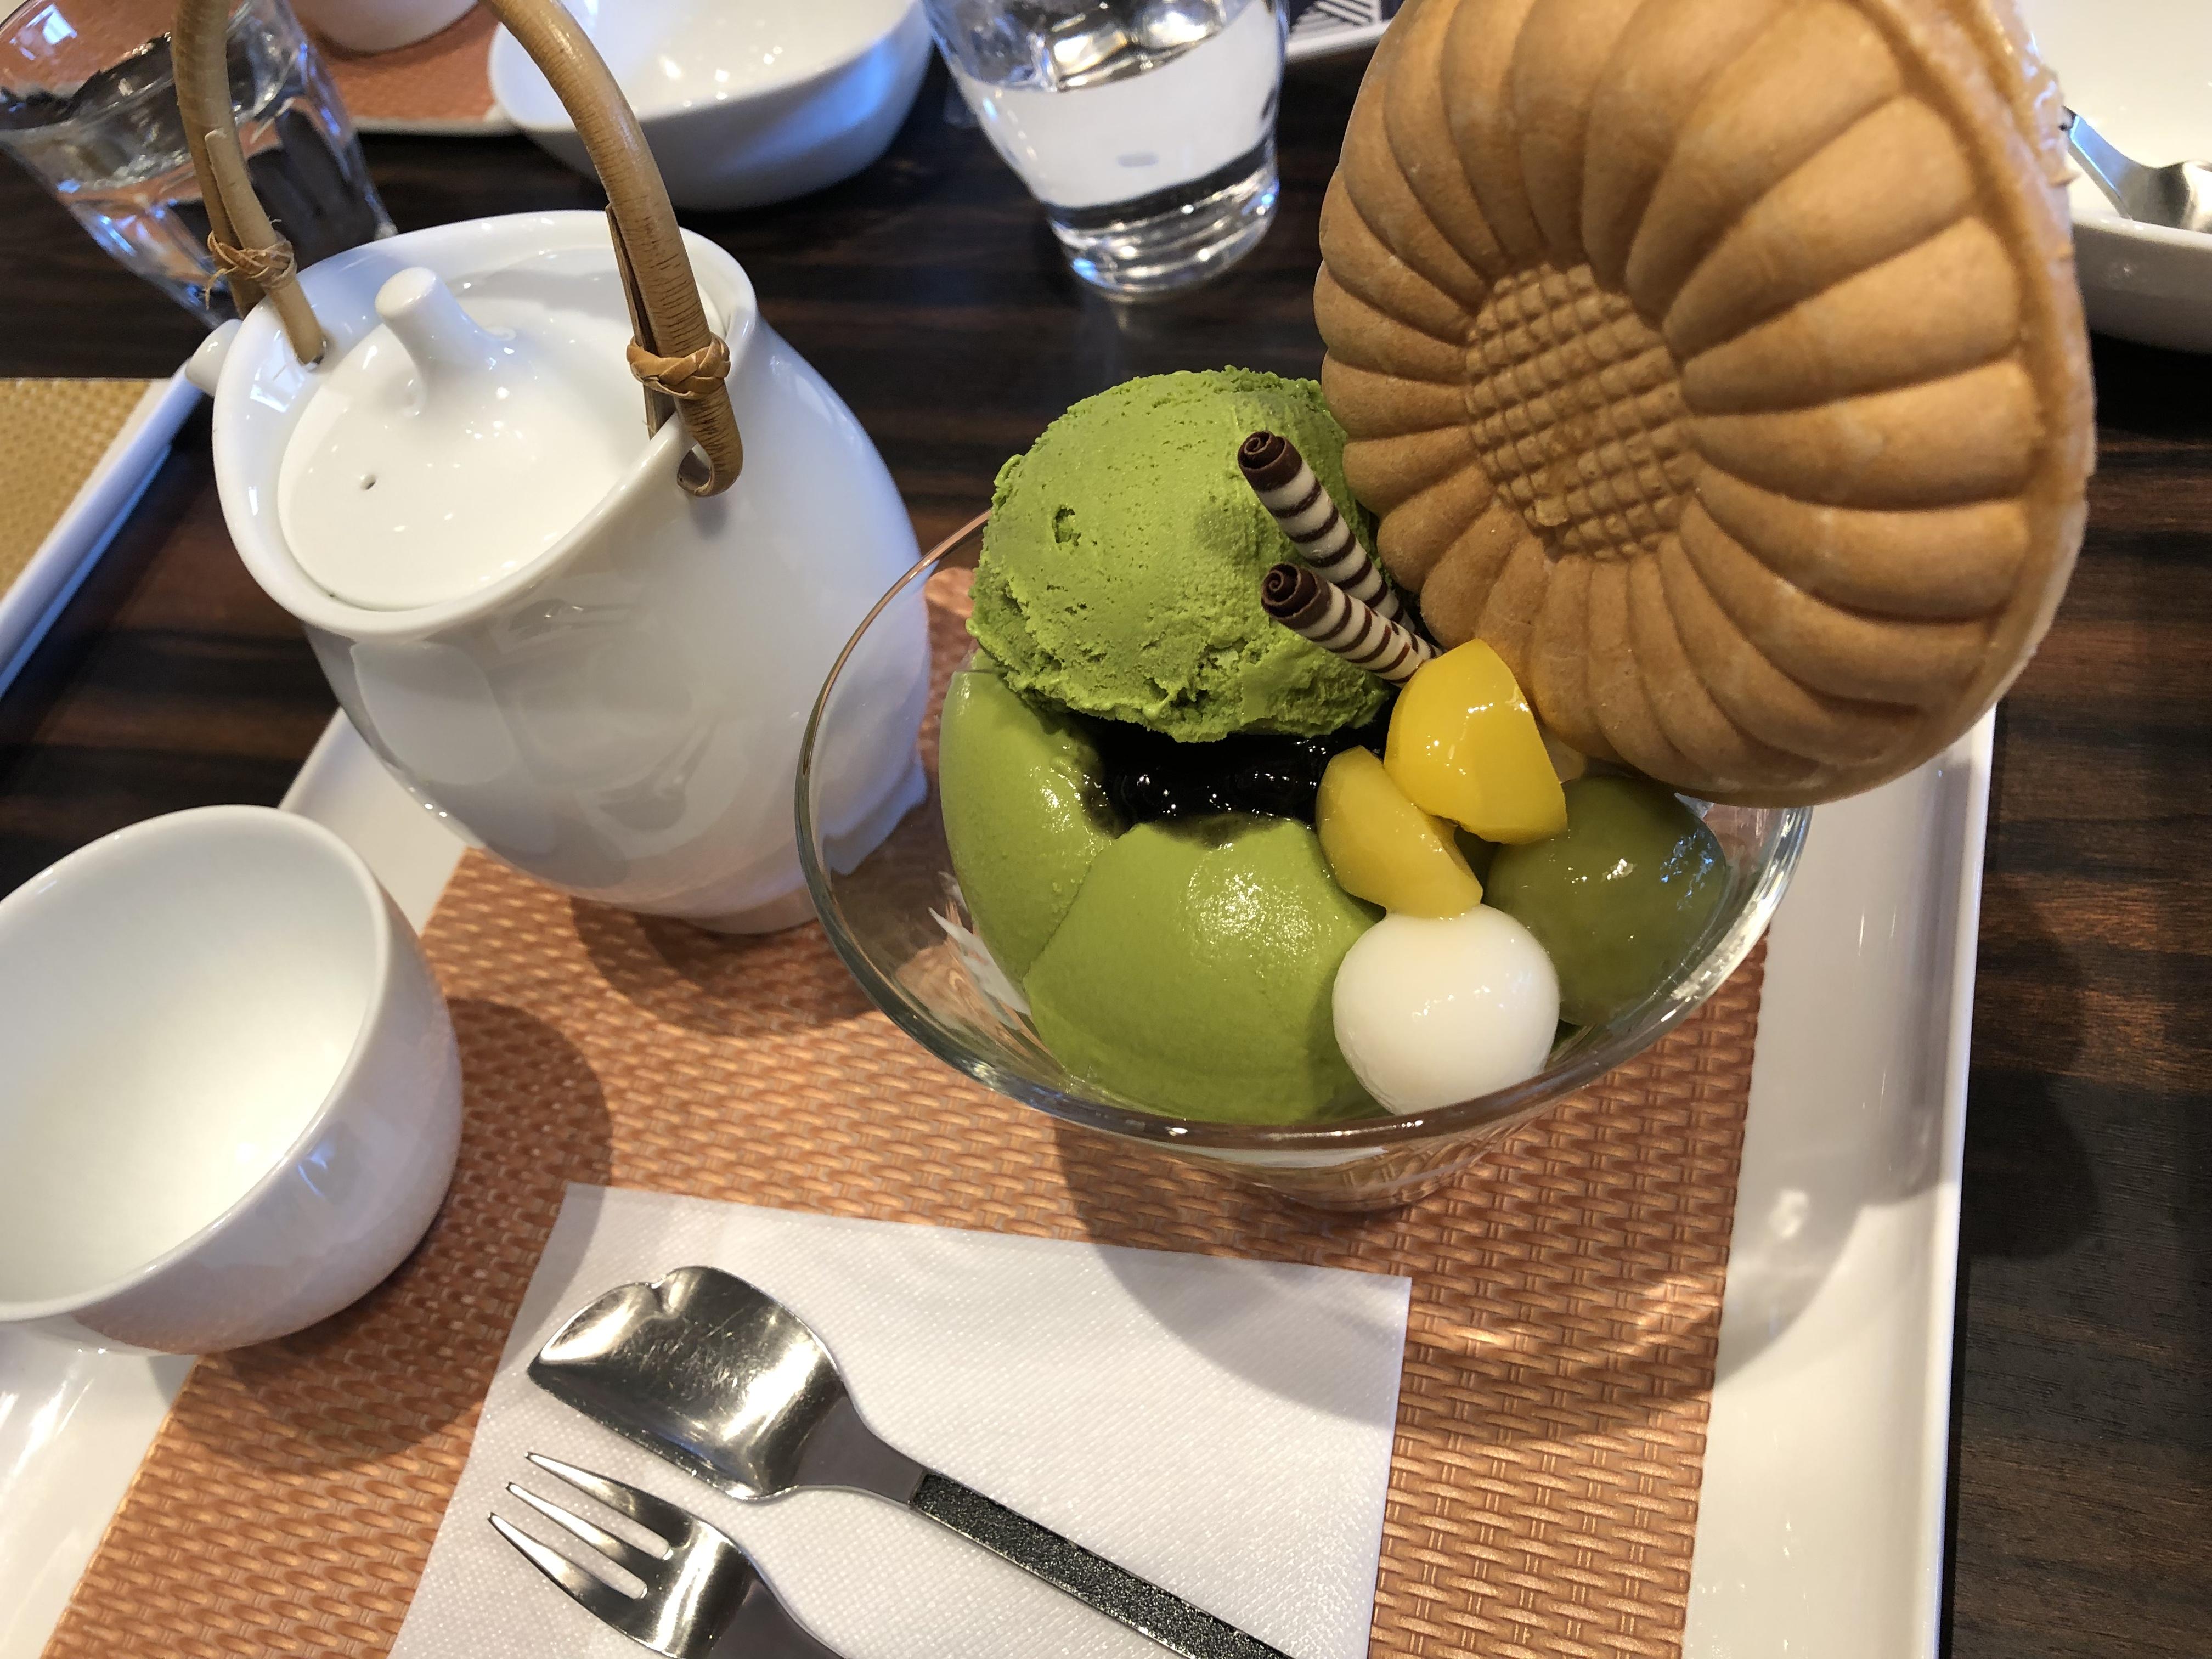 【西尾カフェ】工場見学も◎有名抹茶メーカーの人気カフェ